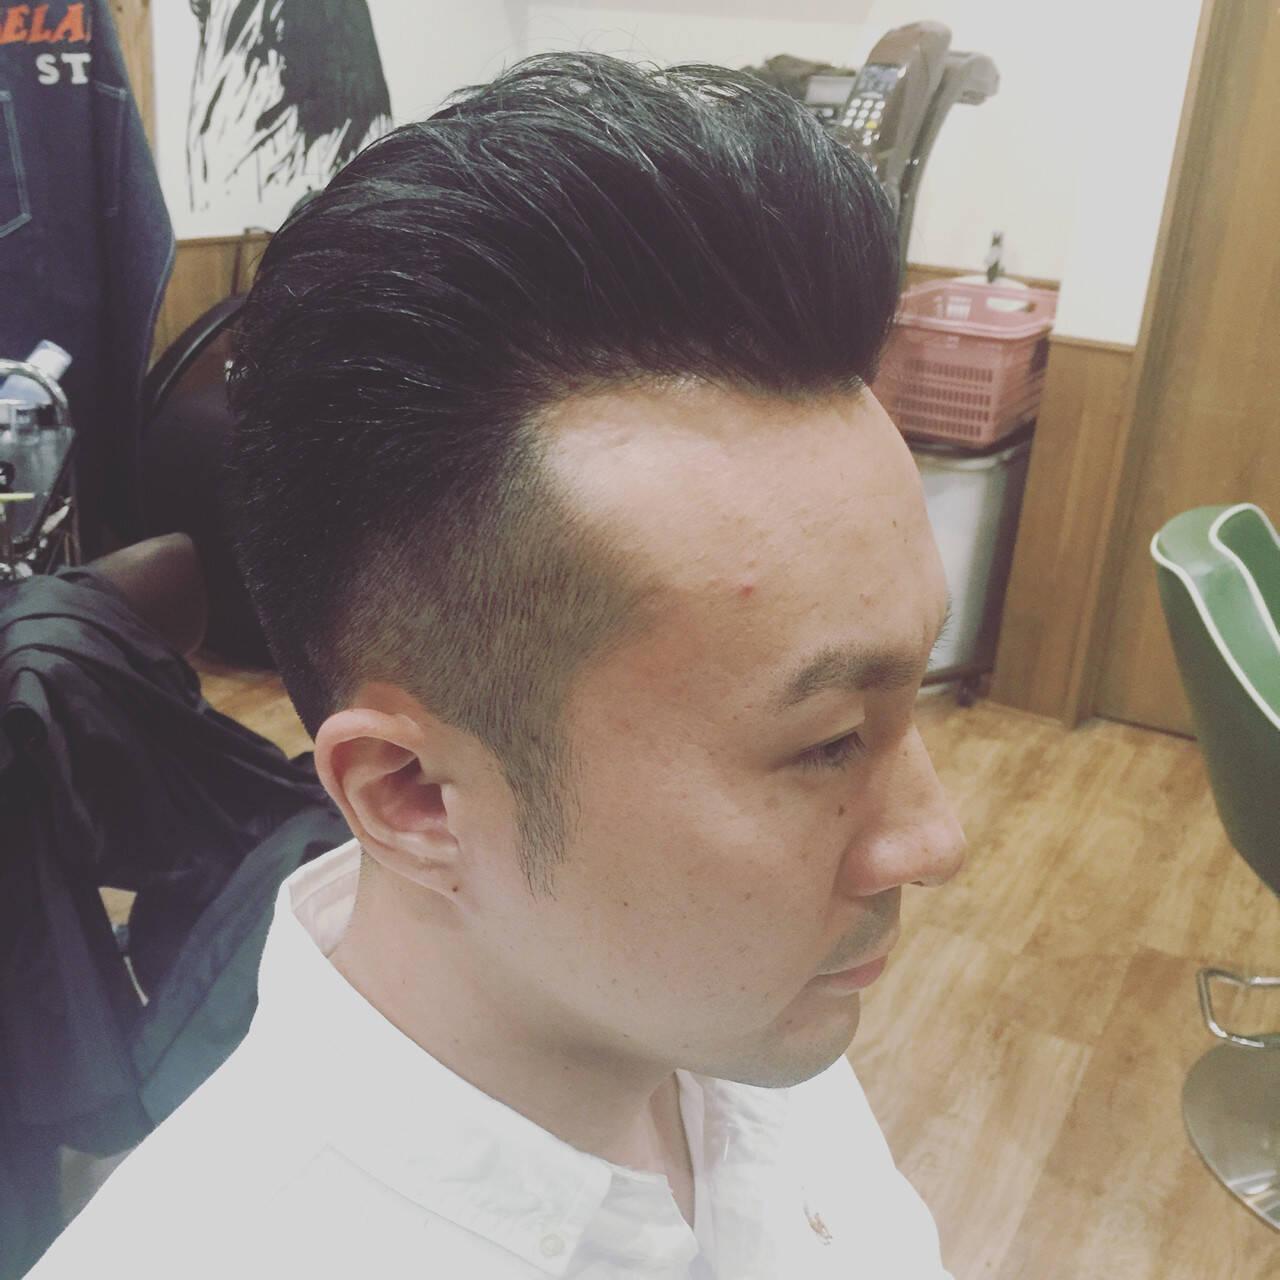 刈り上げ オールバック ボーイッシュ ショートヘアスタイルや髪型の写真・画像